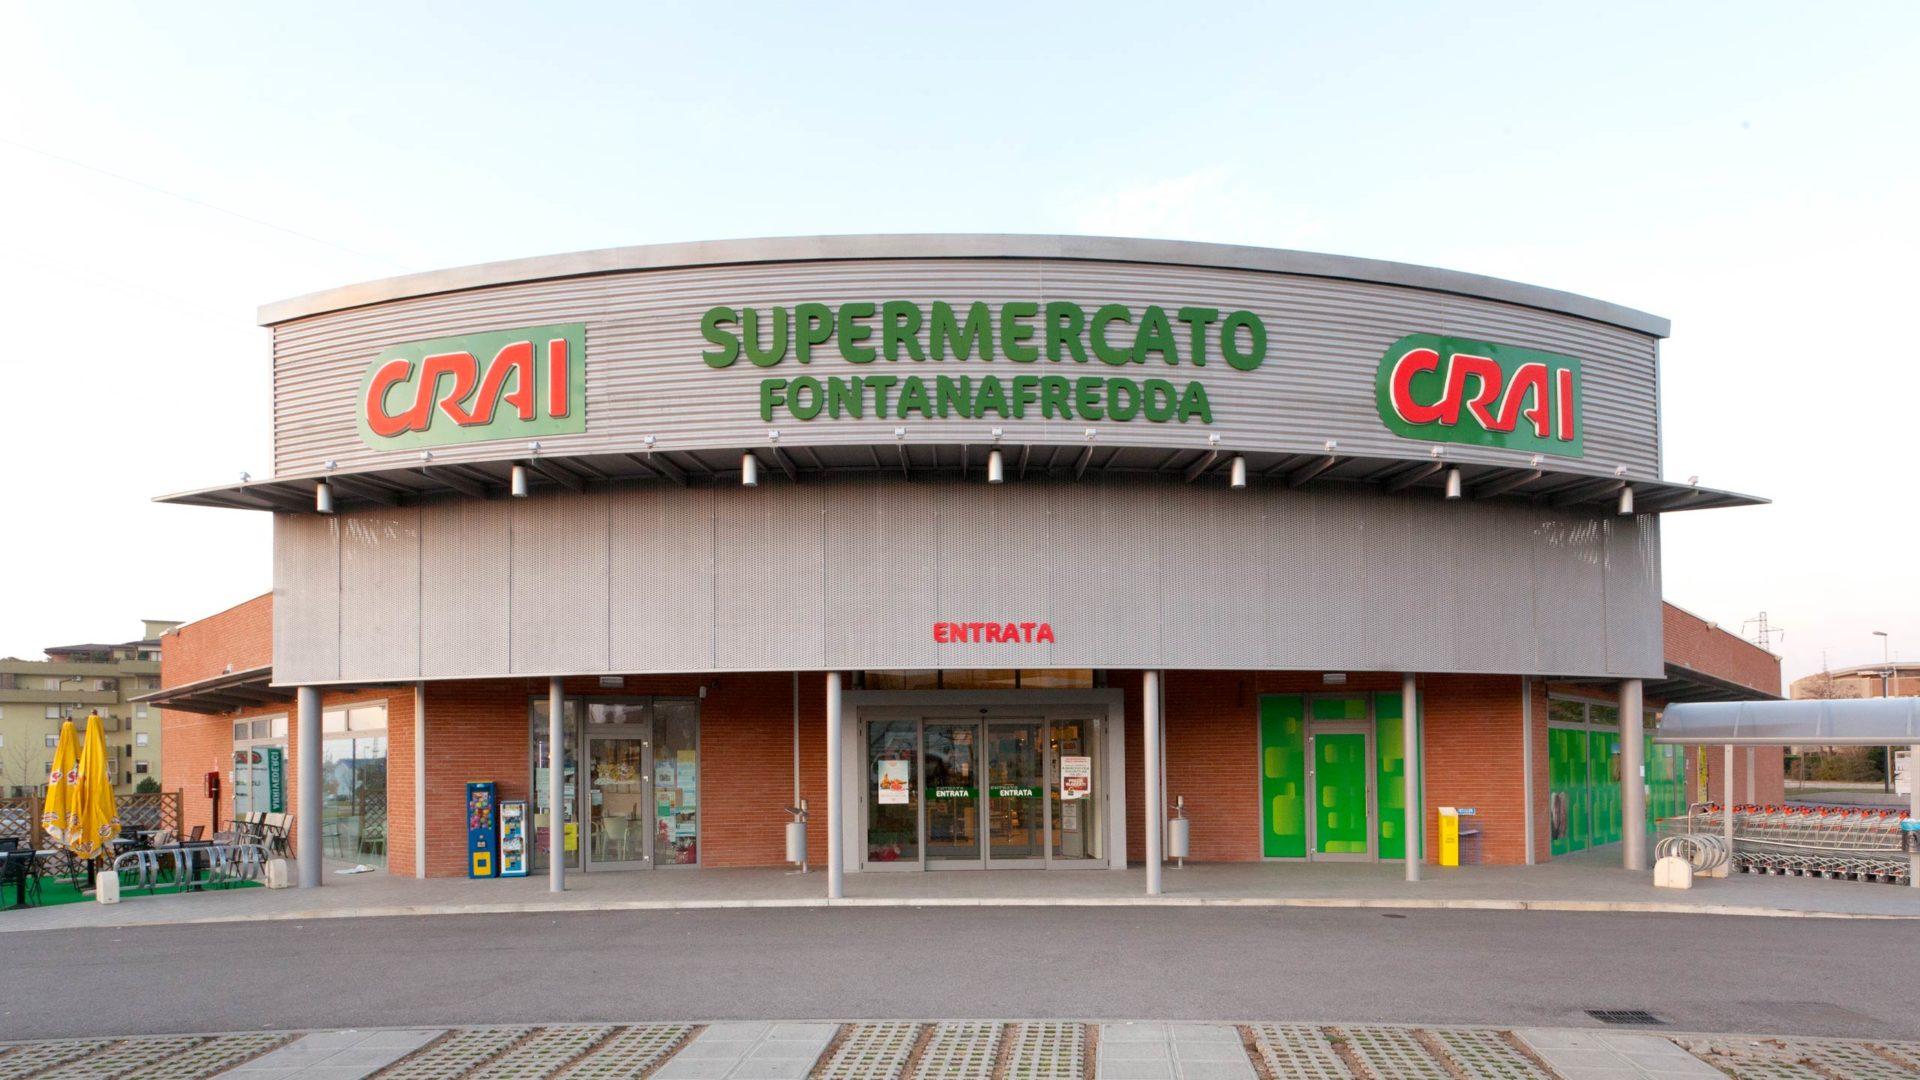 Centro Commerciale <br> Crai